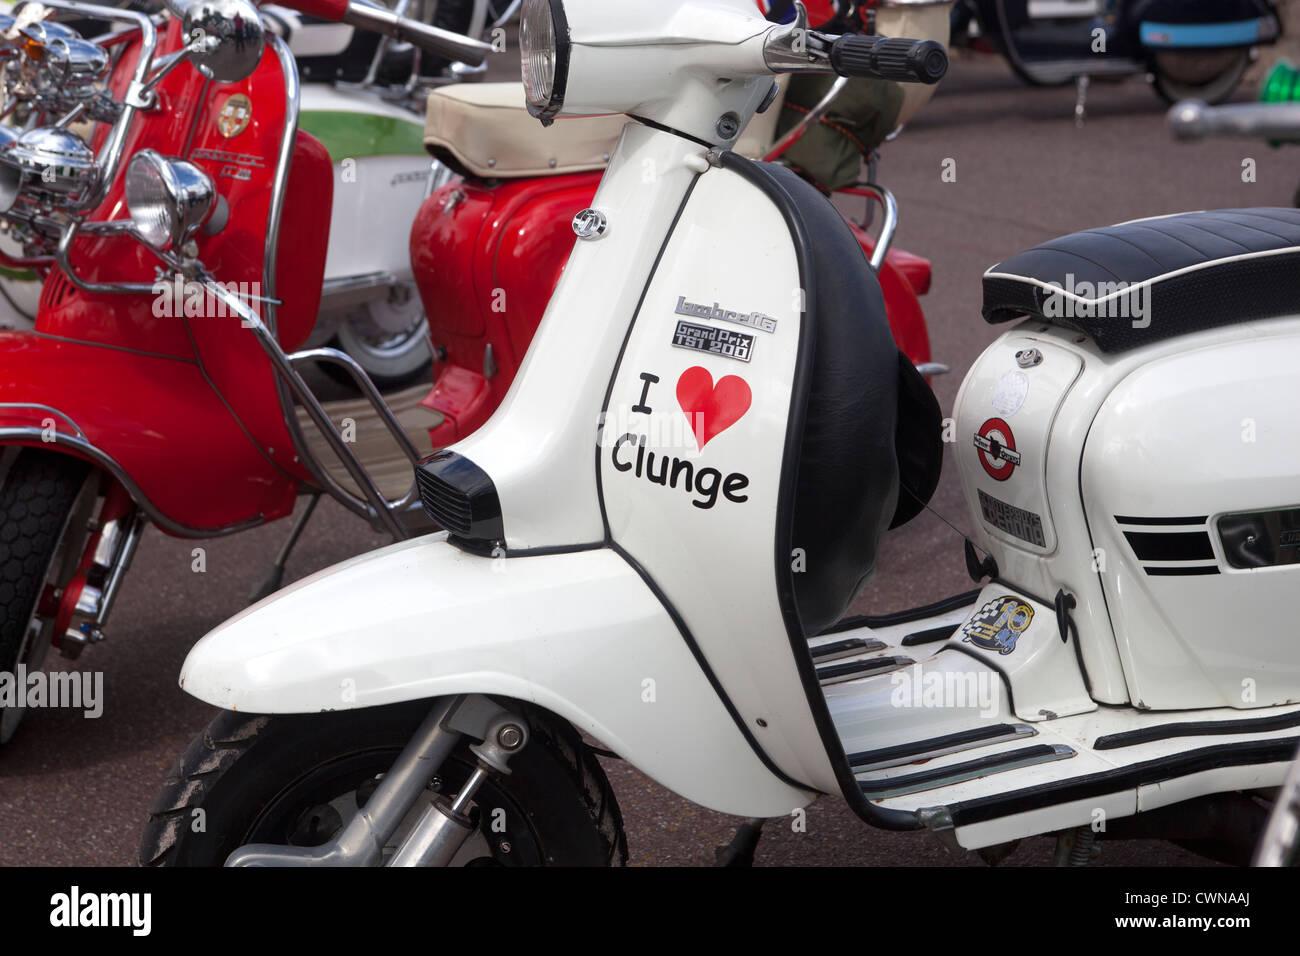 I love clunge sticker on classic lambretta scooter